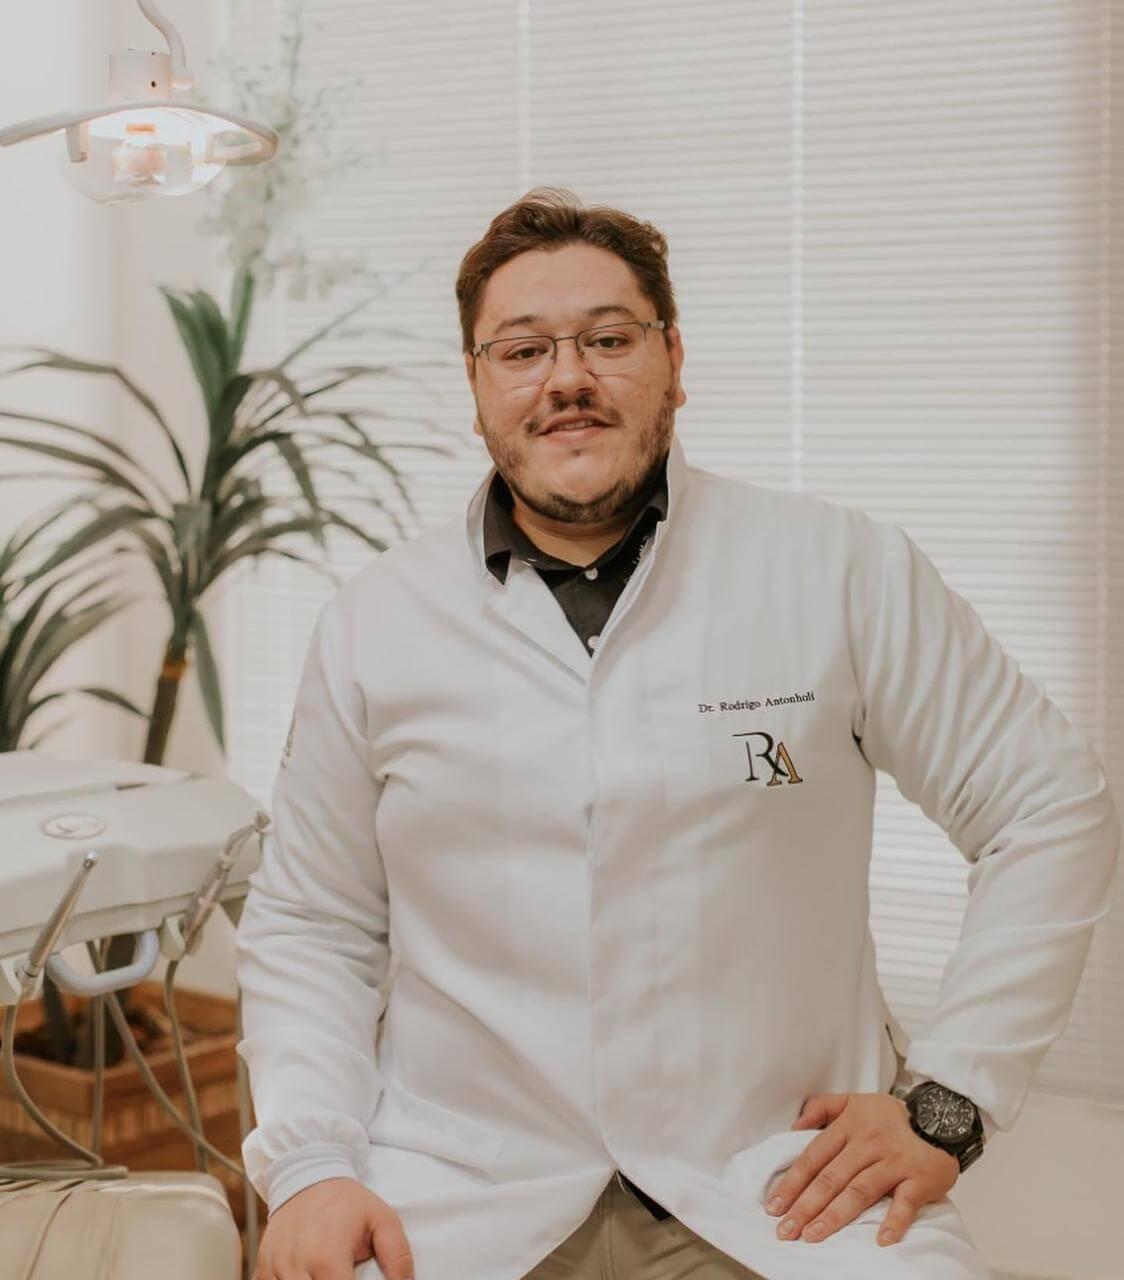 Dr. Rodrigo Antonholi